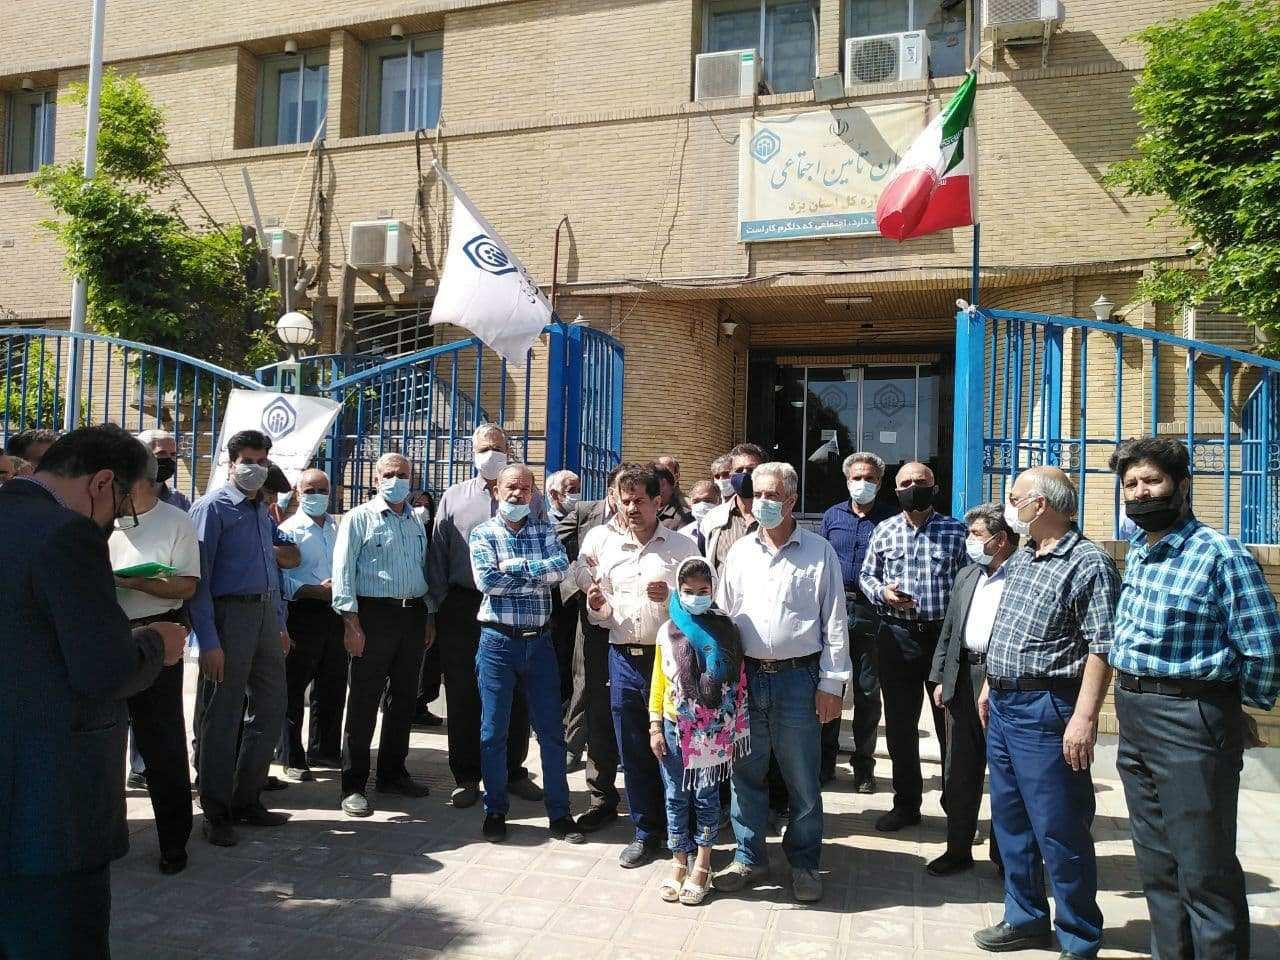 اعتراضات سراسری بازنشستگان در شهرهای مختلف ایران (4 آوریل 2021)